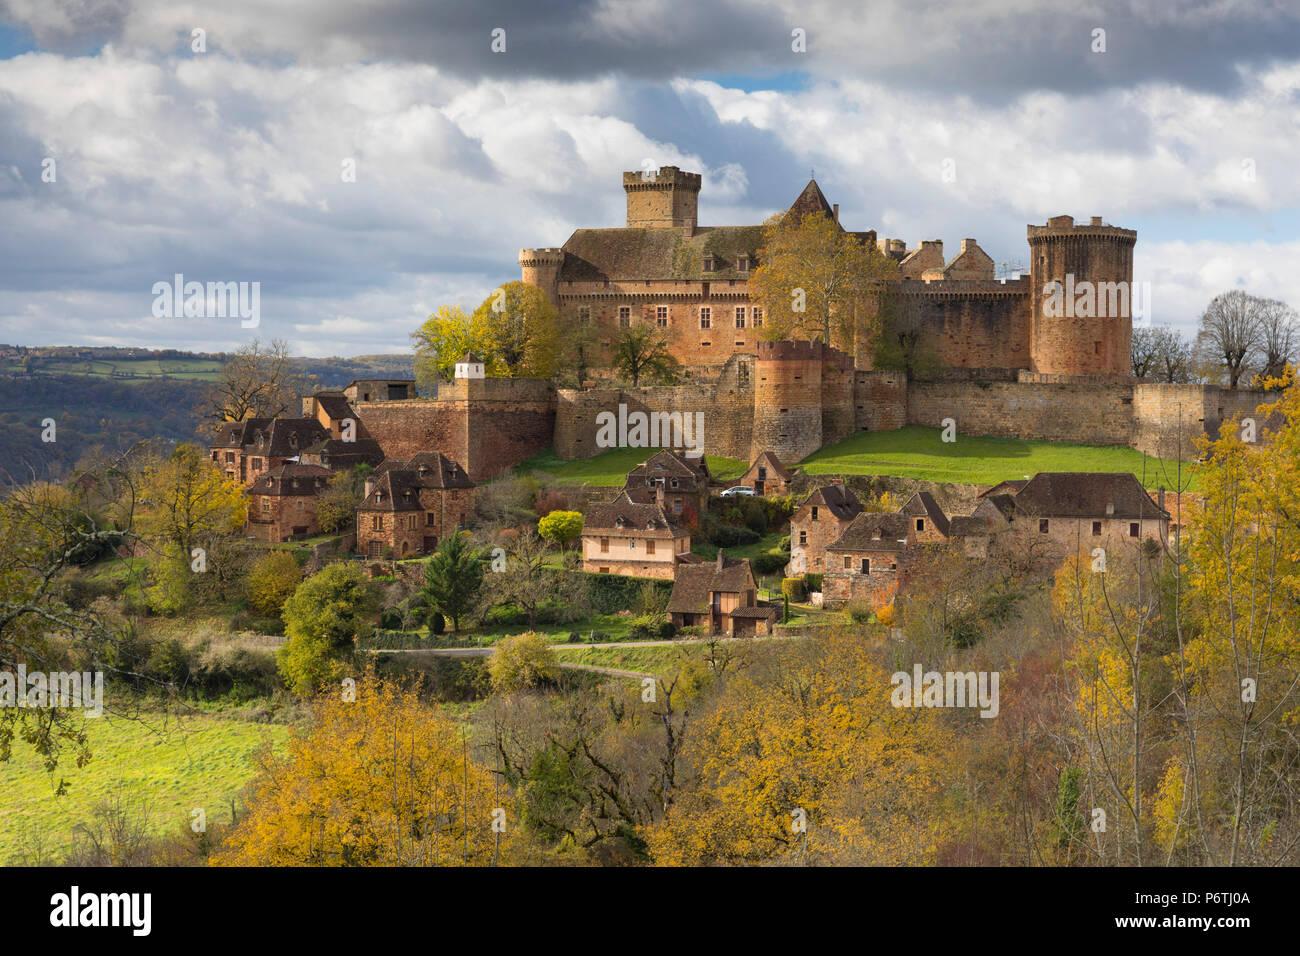 Castelnau-Bretenoux in autunno, Lot, Midi-Pirenei, Francia Immagini Stock